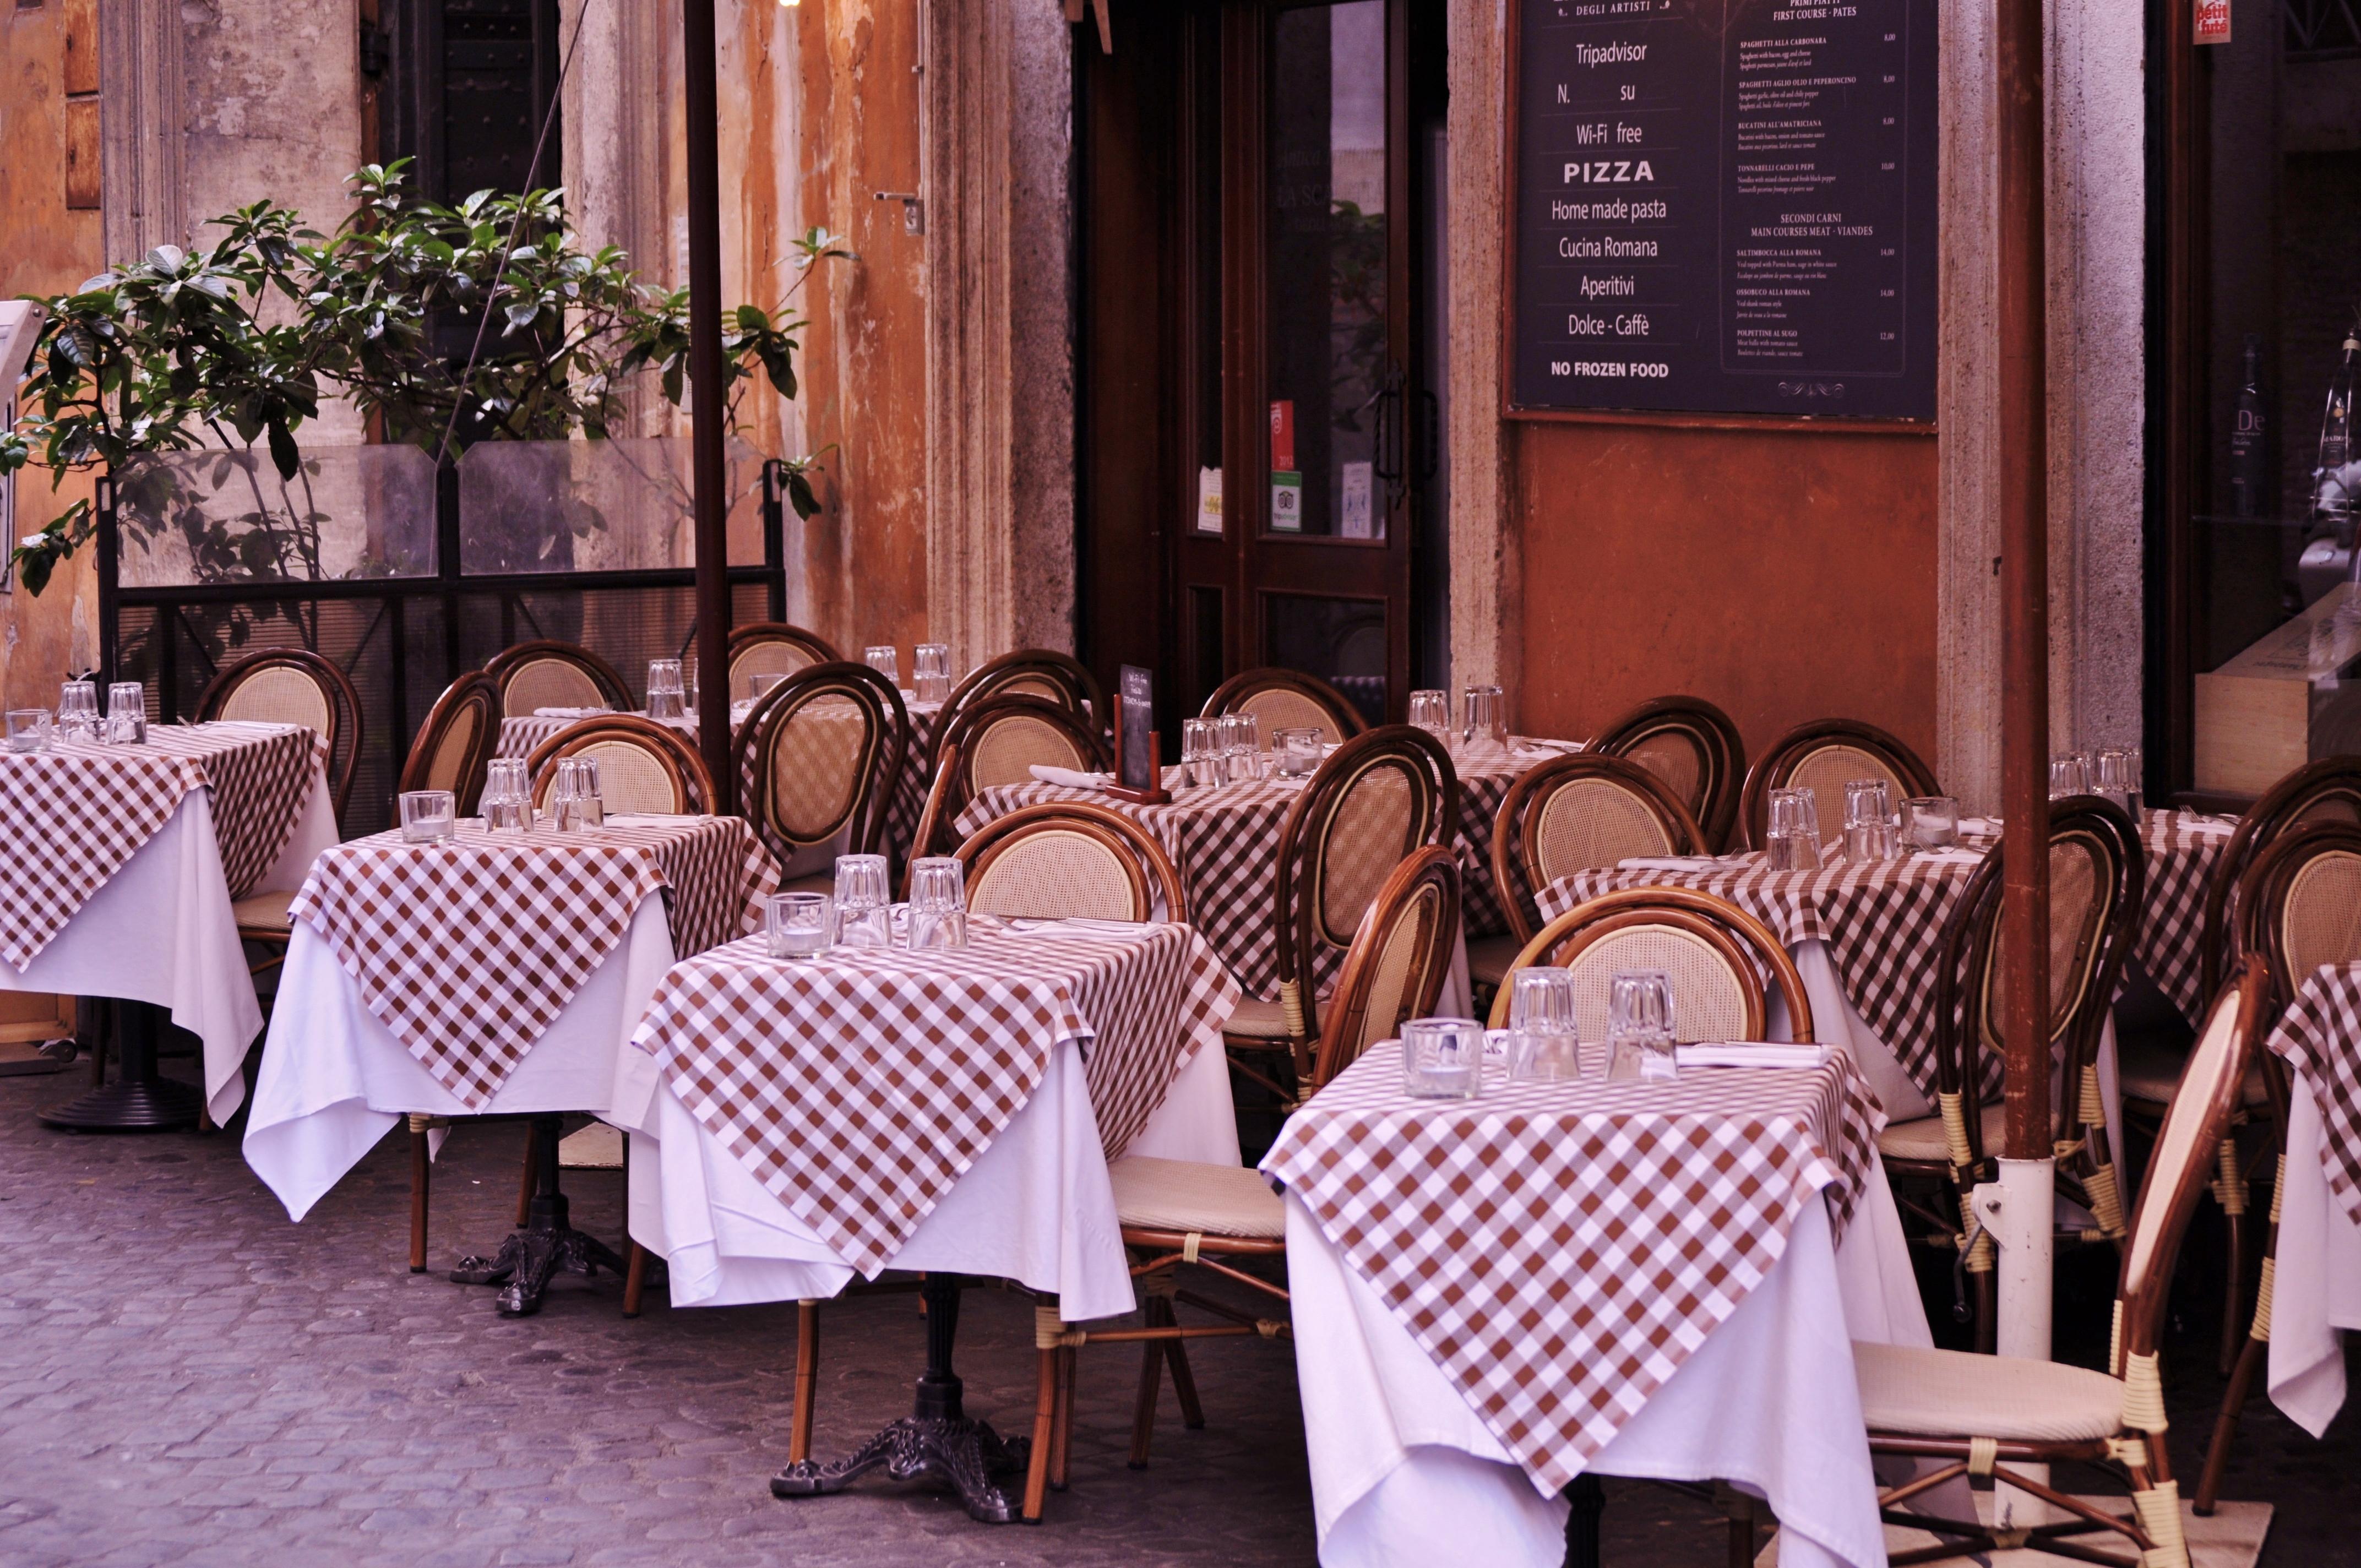 italian-pizza-restaurant-italy